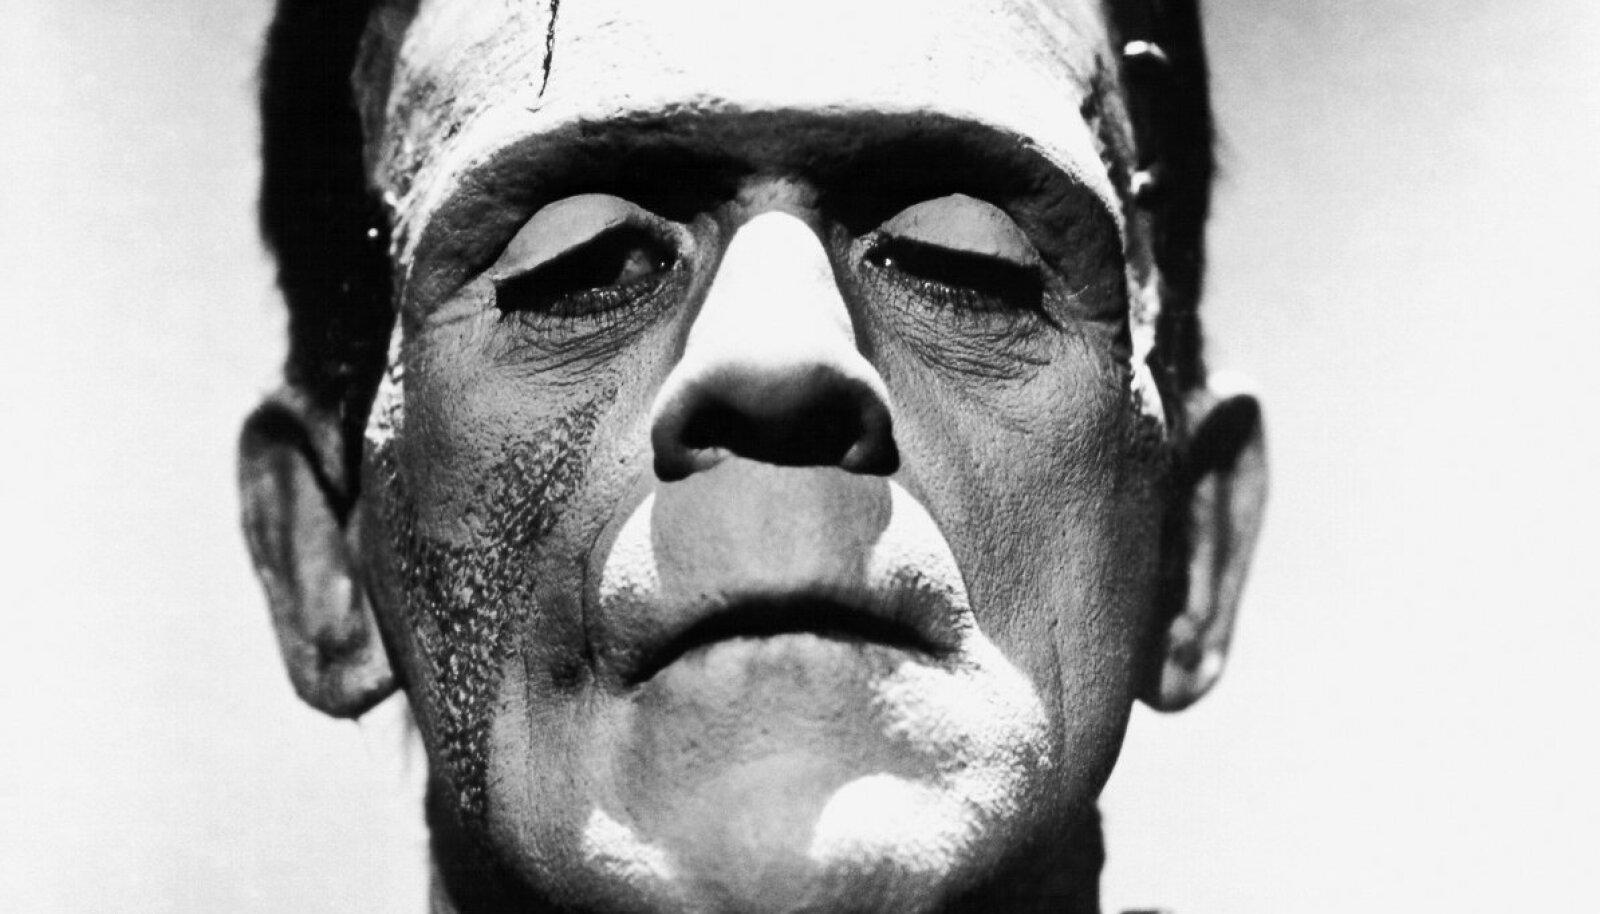 Boris Karloff Frankensteini koletisena 1930. aasta filmis.